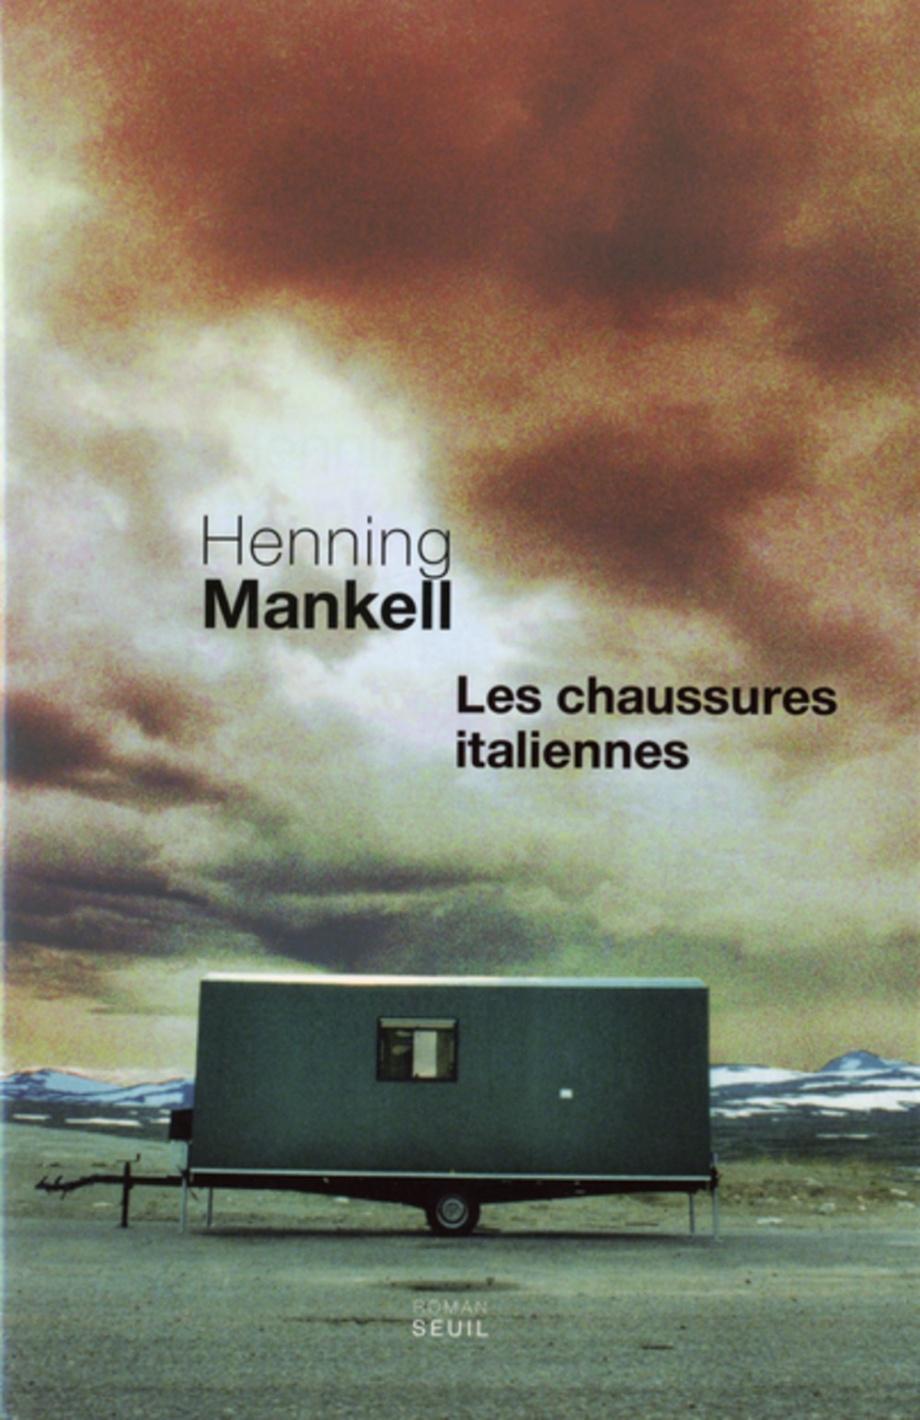 faa6bda9b89210 Les chaussures italiennes par Henning Mankell | Littérature | Roman ...